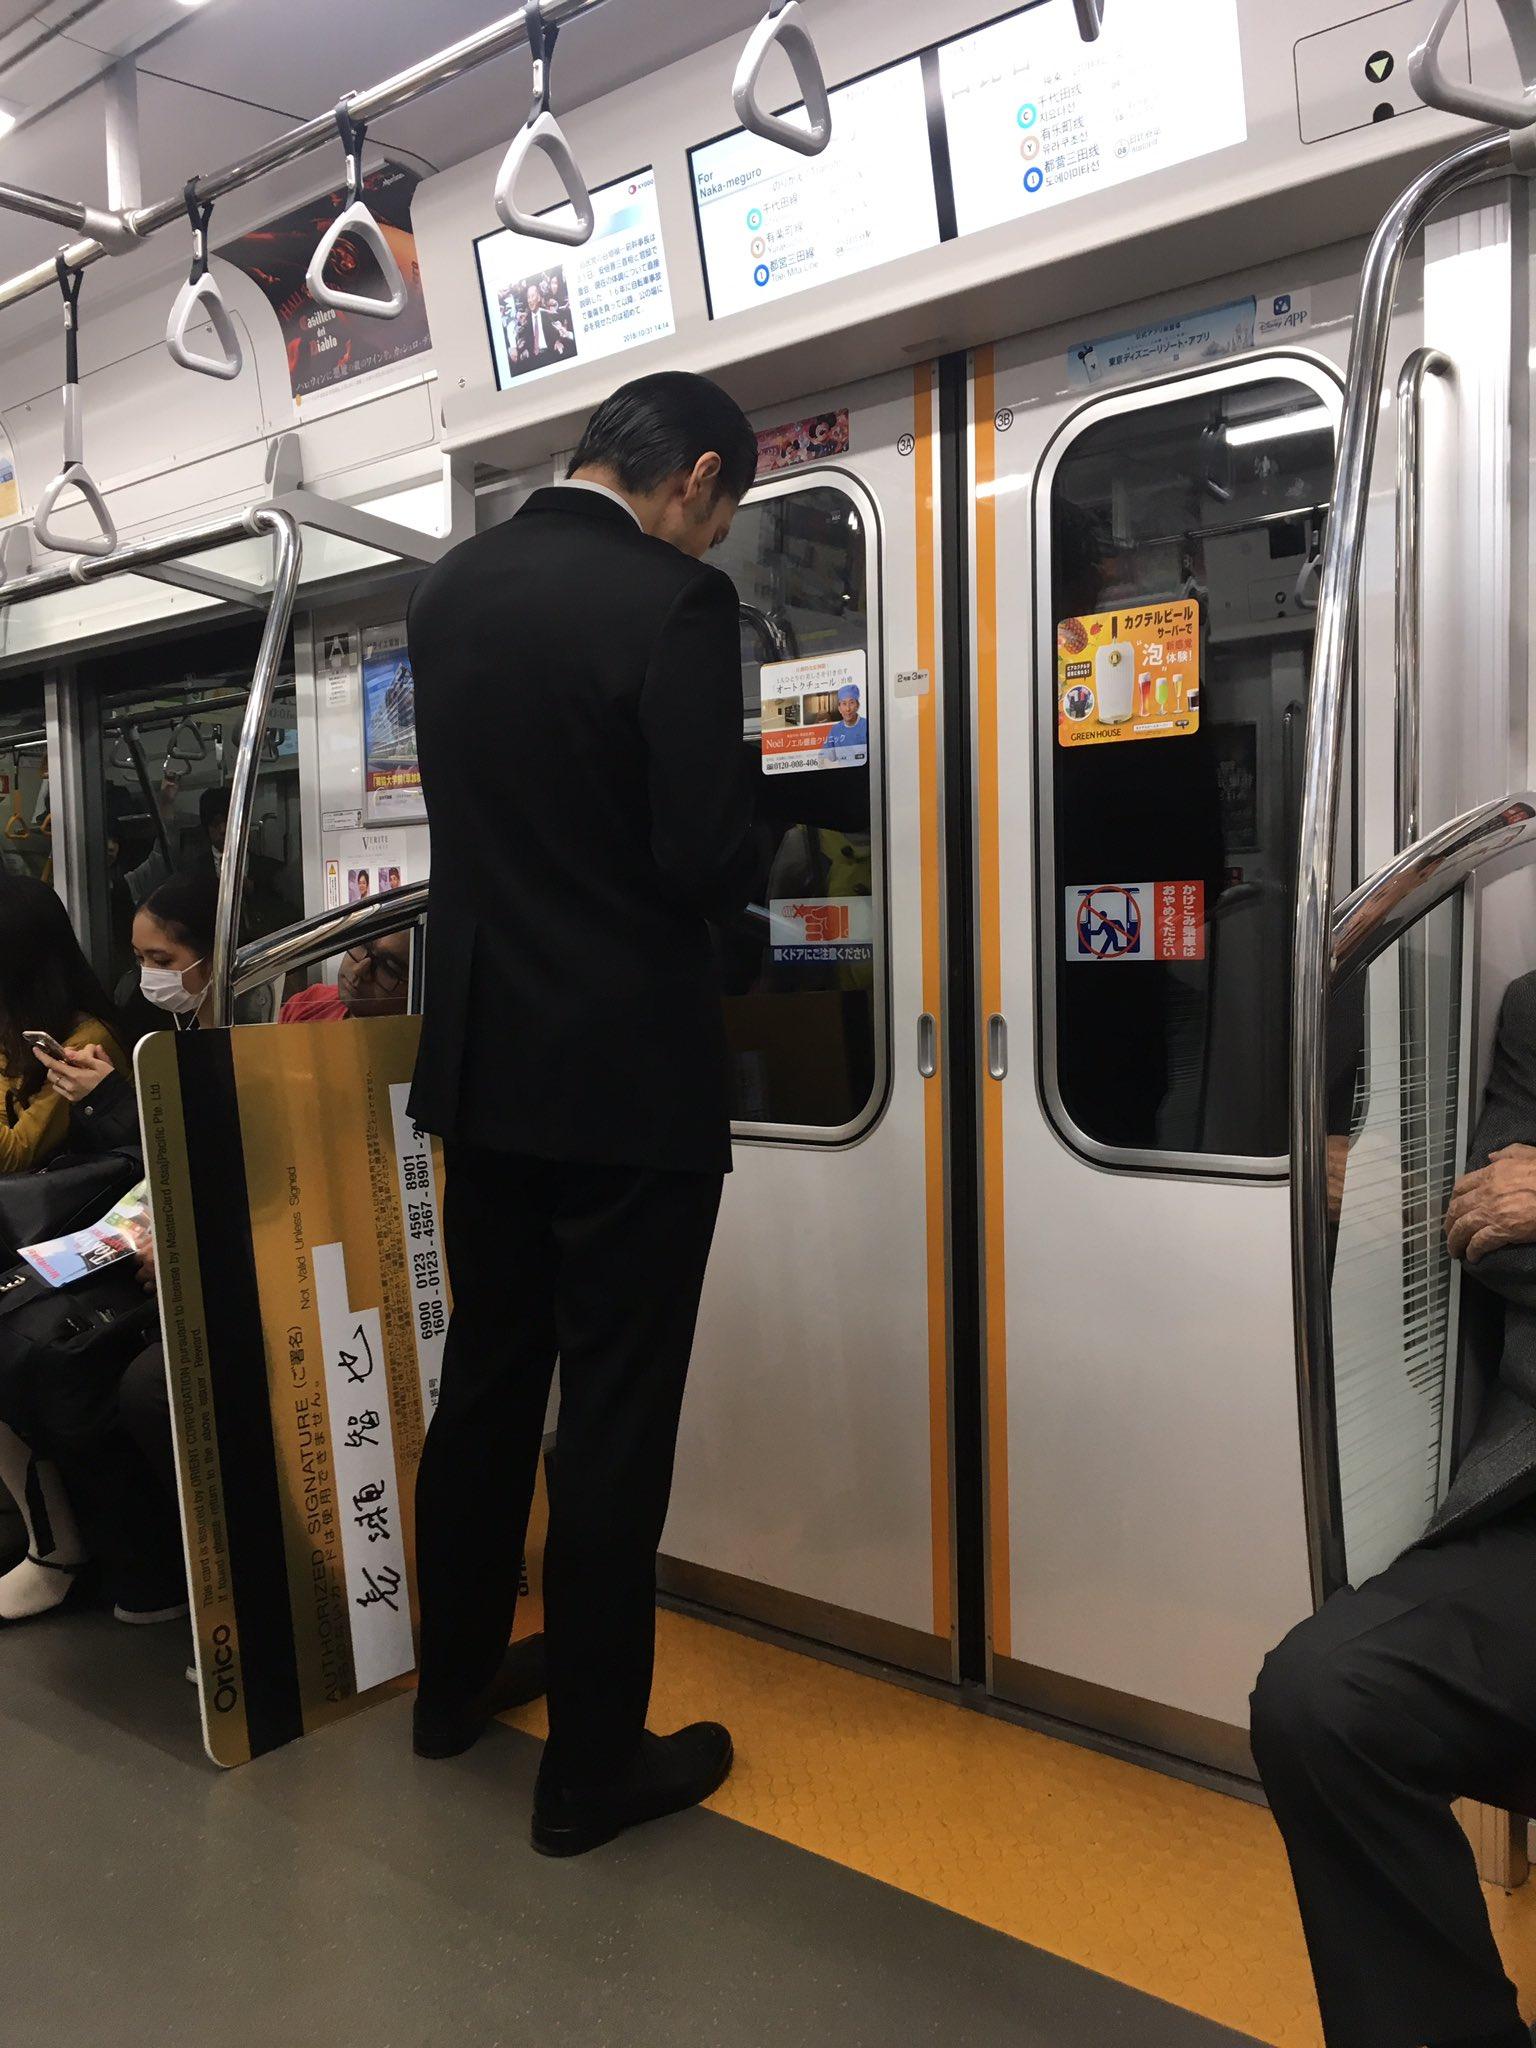 長瀬くんが電車に!?wwwしかも大きいオリコカード持ってるwww